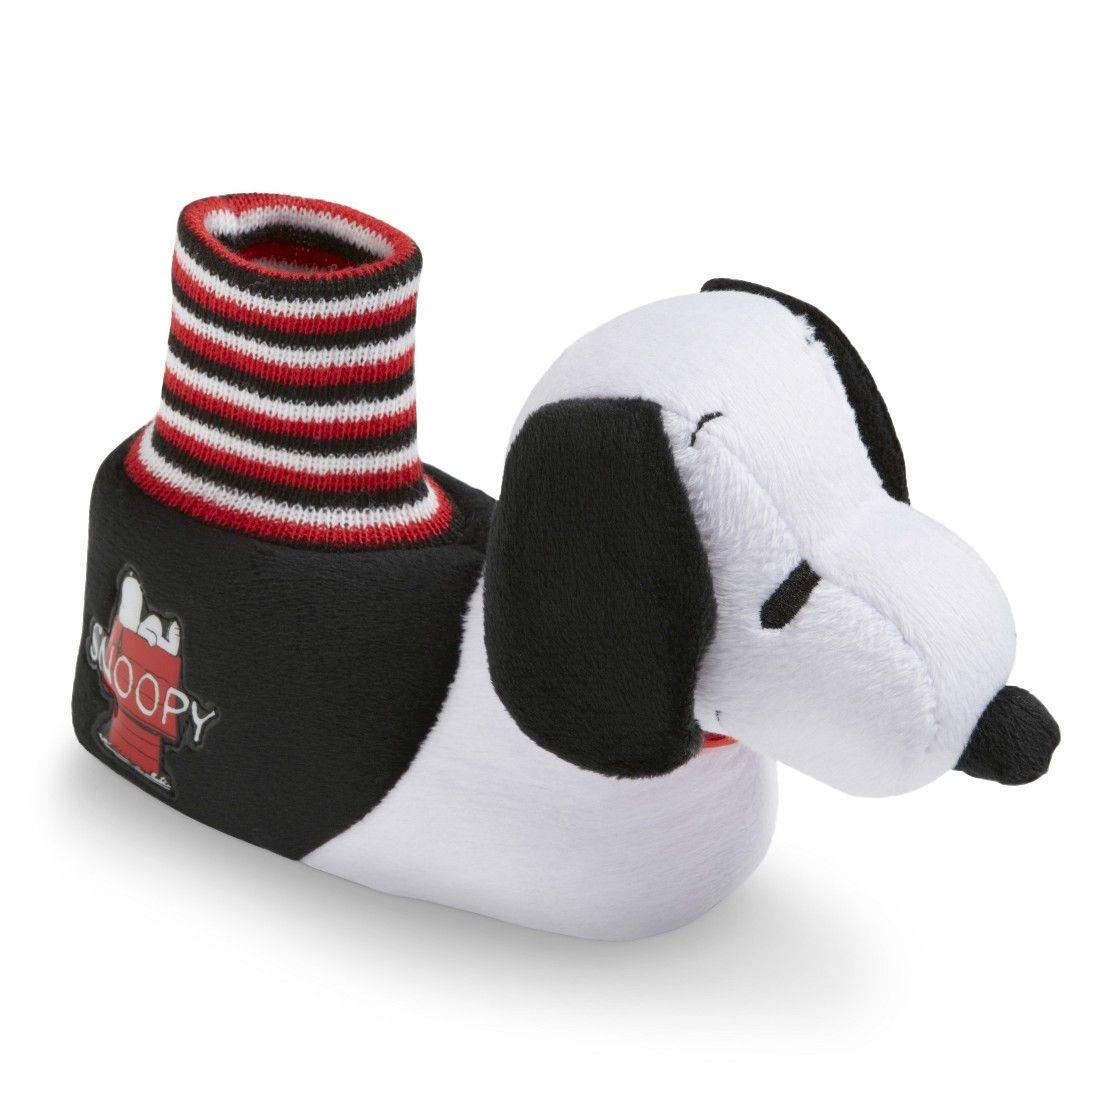 d1e34be174 Toddler Boy s Snoopy Slipper Socks - Black White